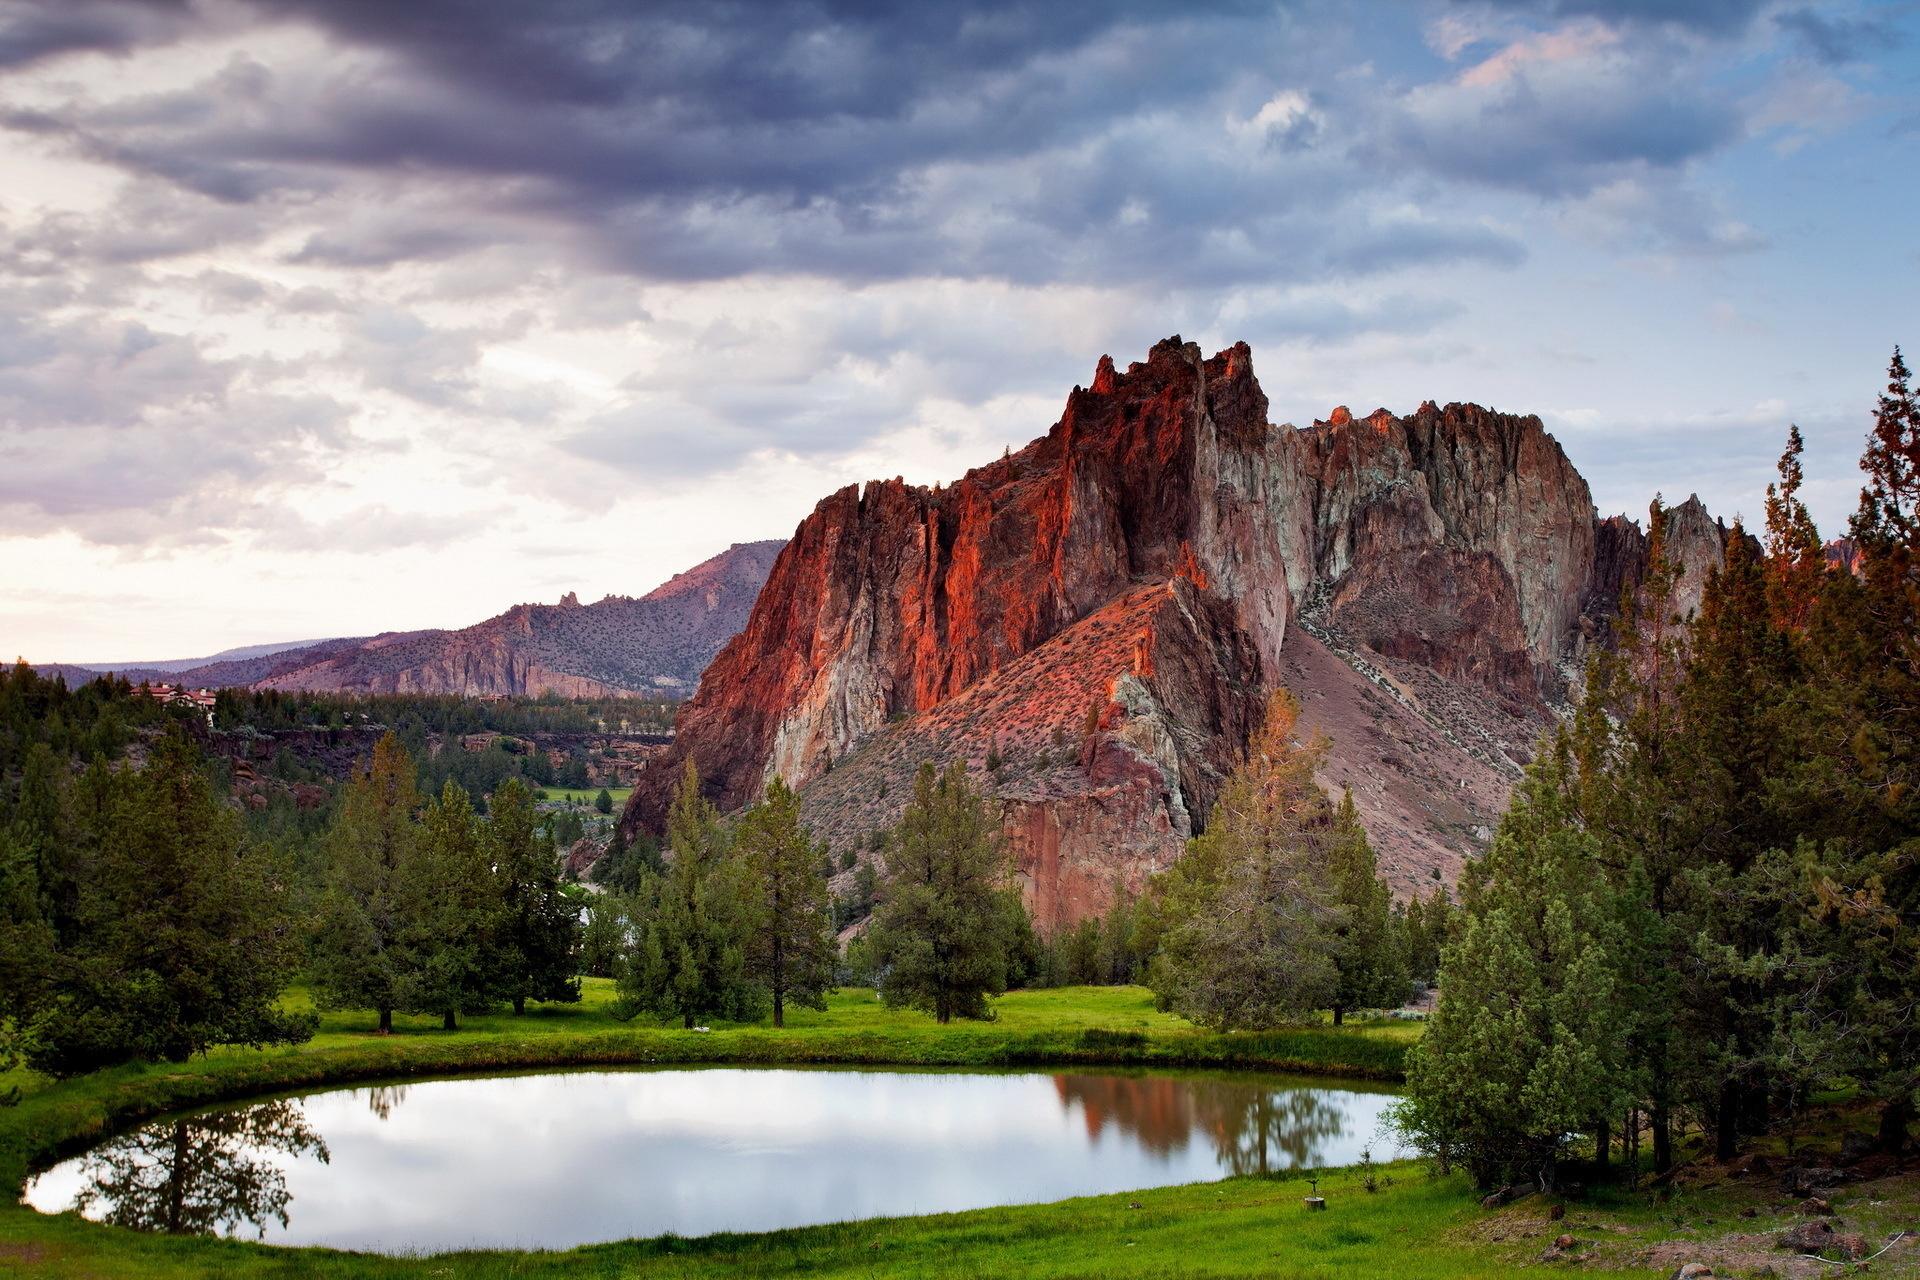 природа деревья озеро горы скалы nature trees the lake mountains rock  № 400456 загрузить